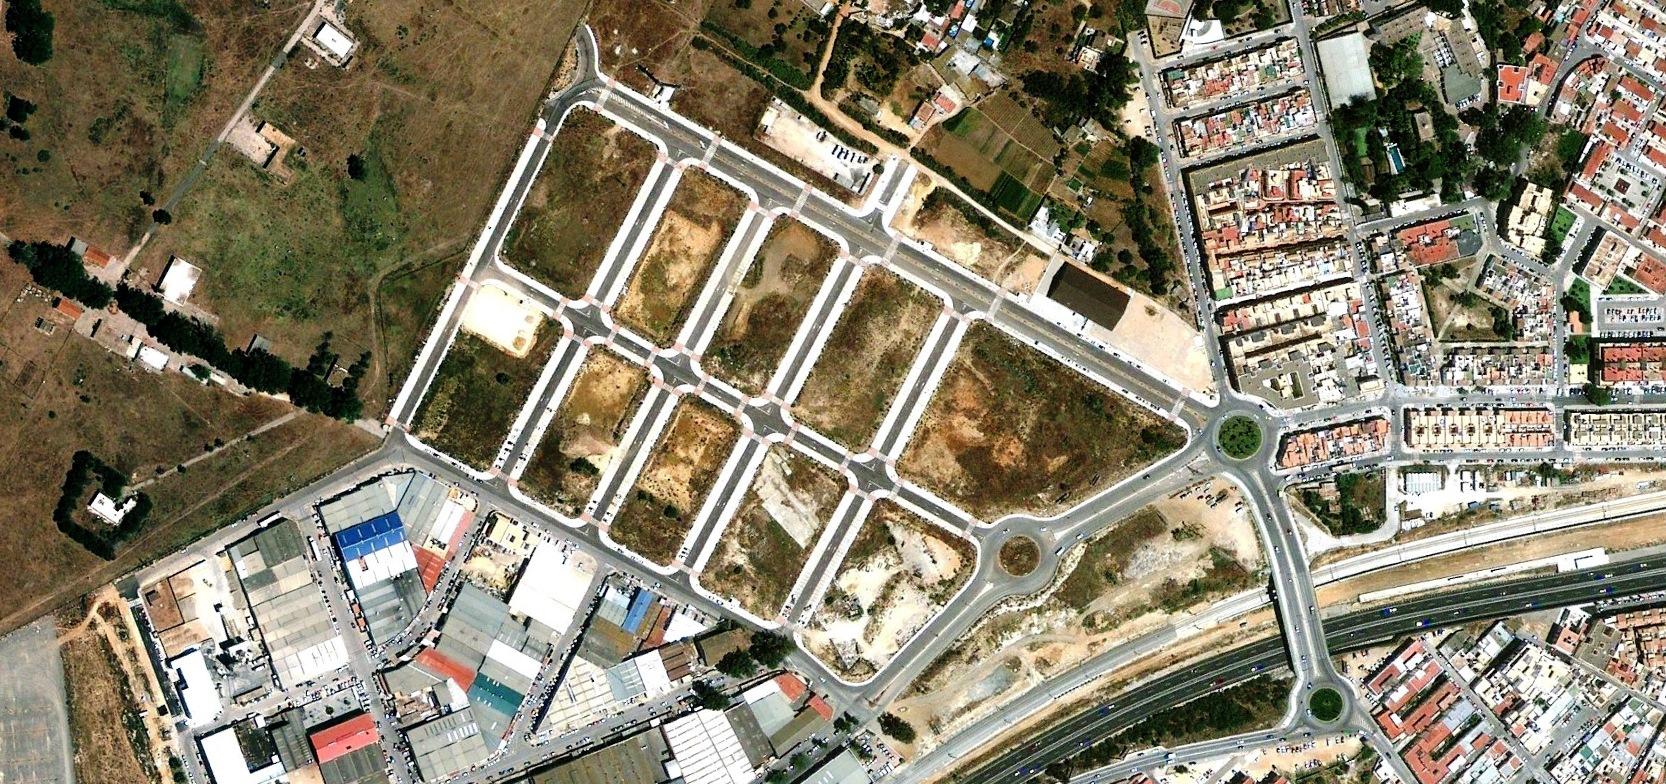 después, urbanismo, foto aérea,desastre, urbanístico, planeamiento, urbano, construcción,San Fernando, Cádiz